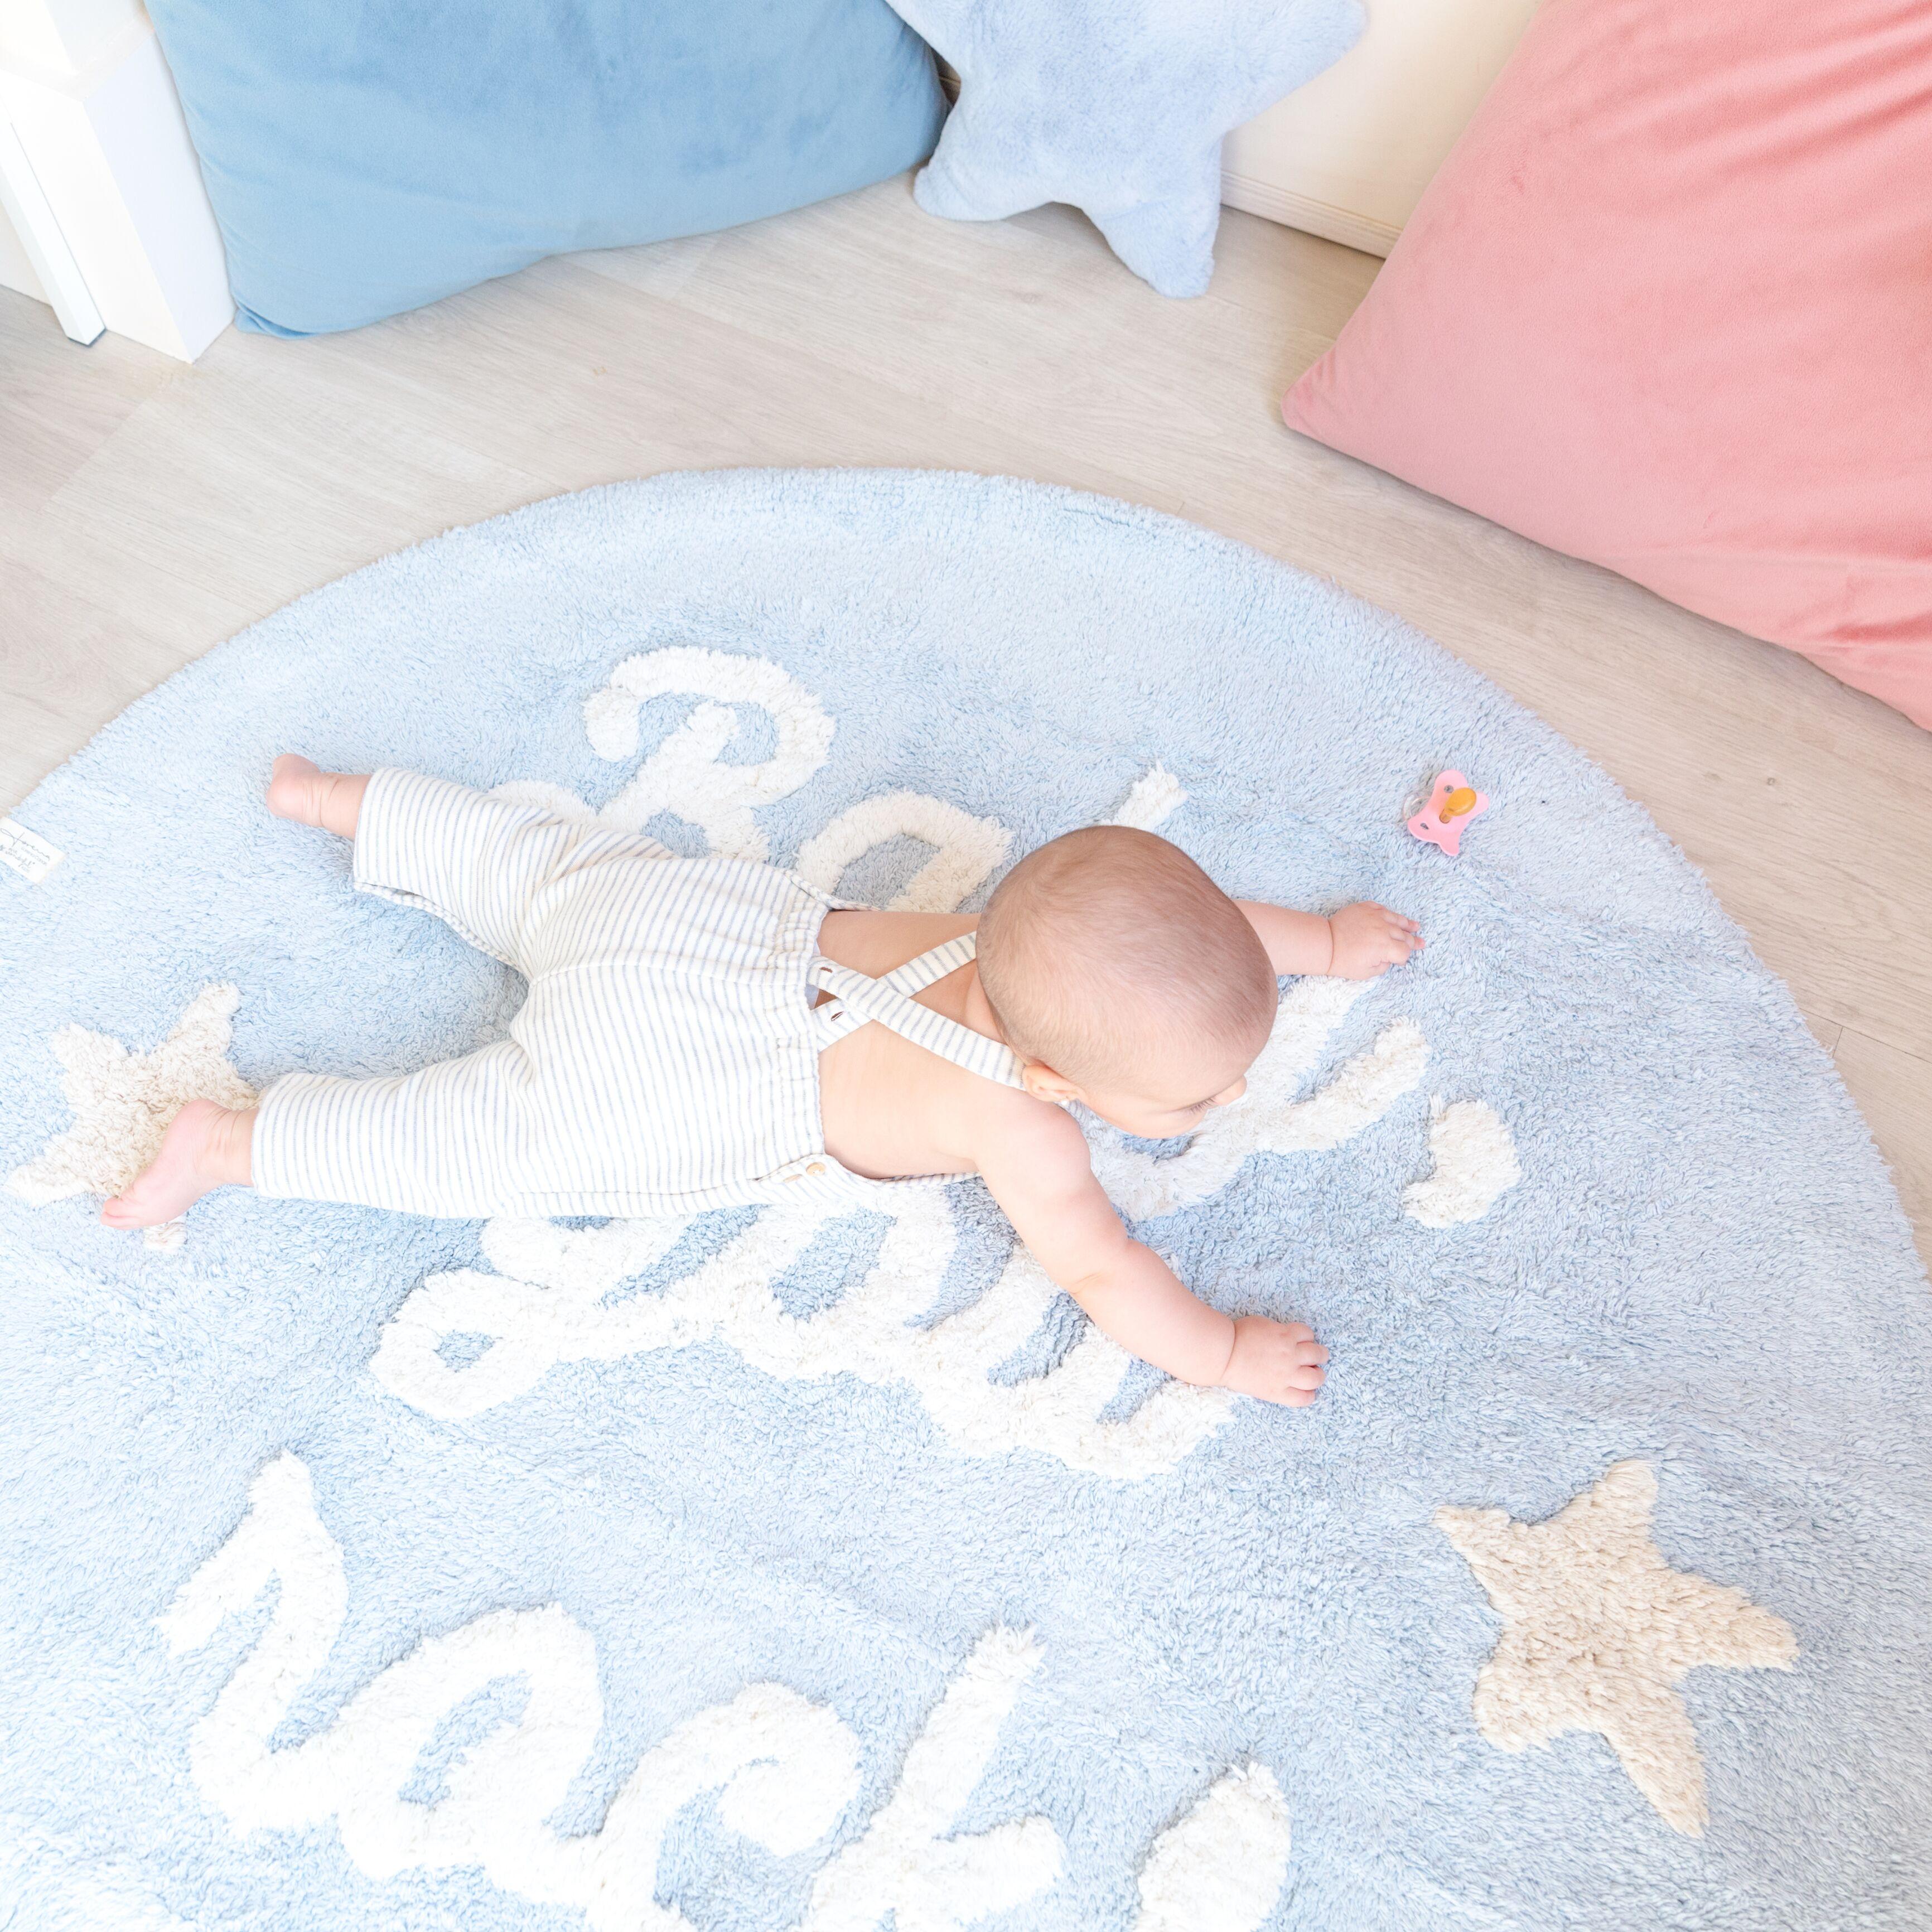 aoj3zL1A - Jaki dywan do pokoju dziecka?